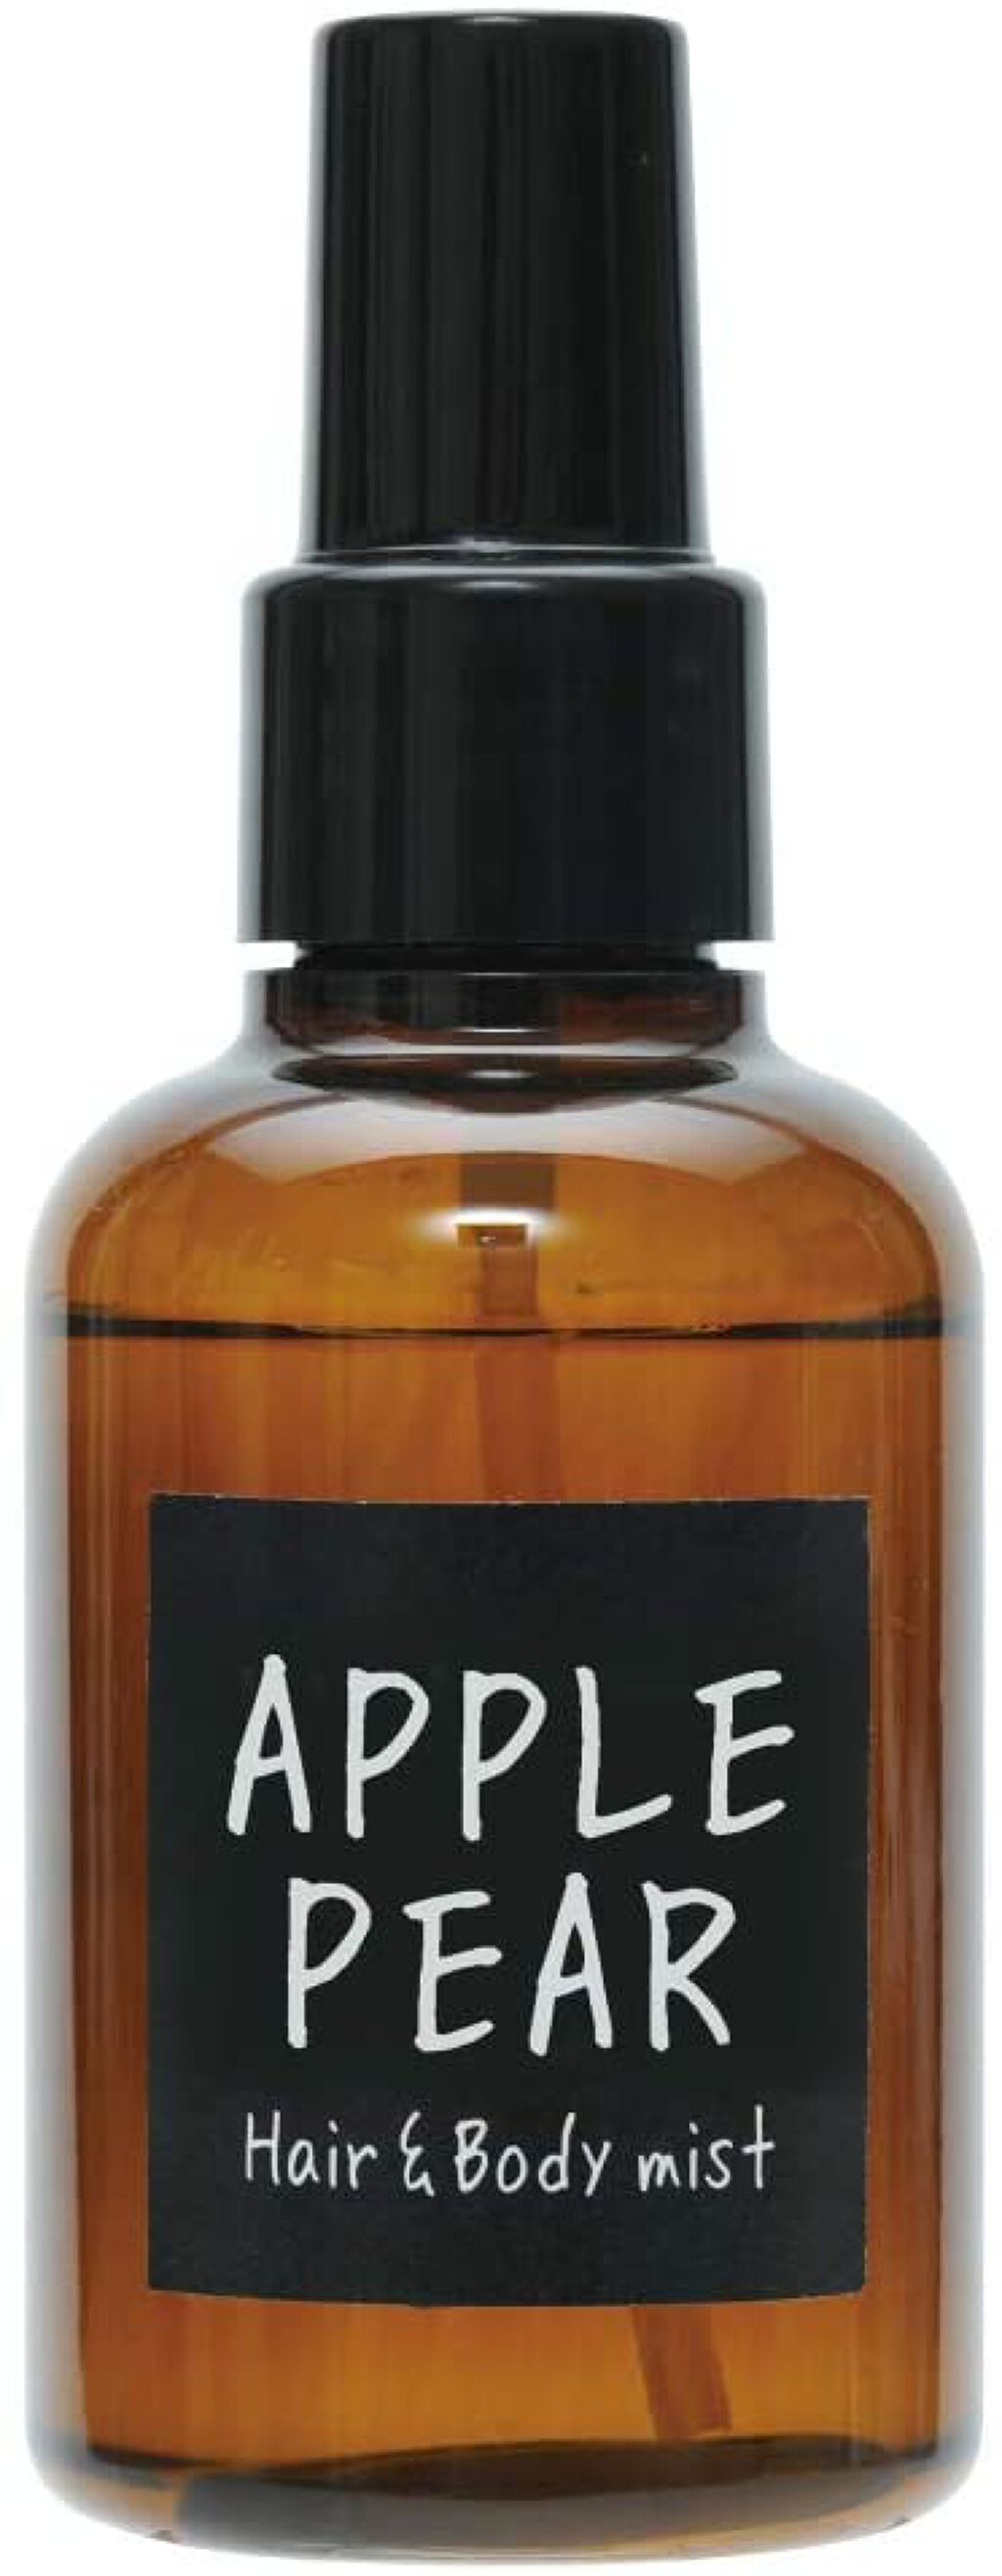 ヘアー&ボディミスト アップルペアーの香り